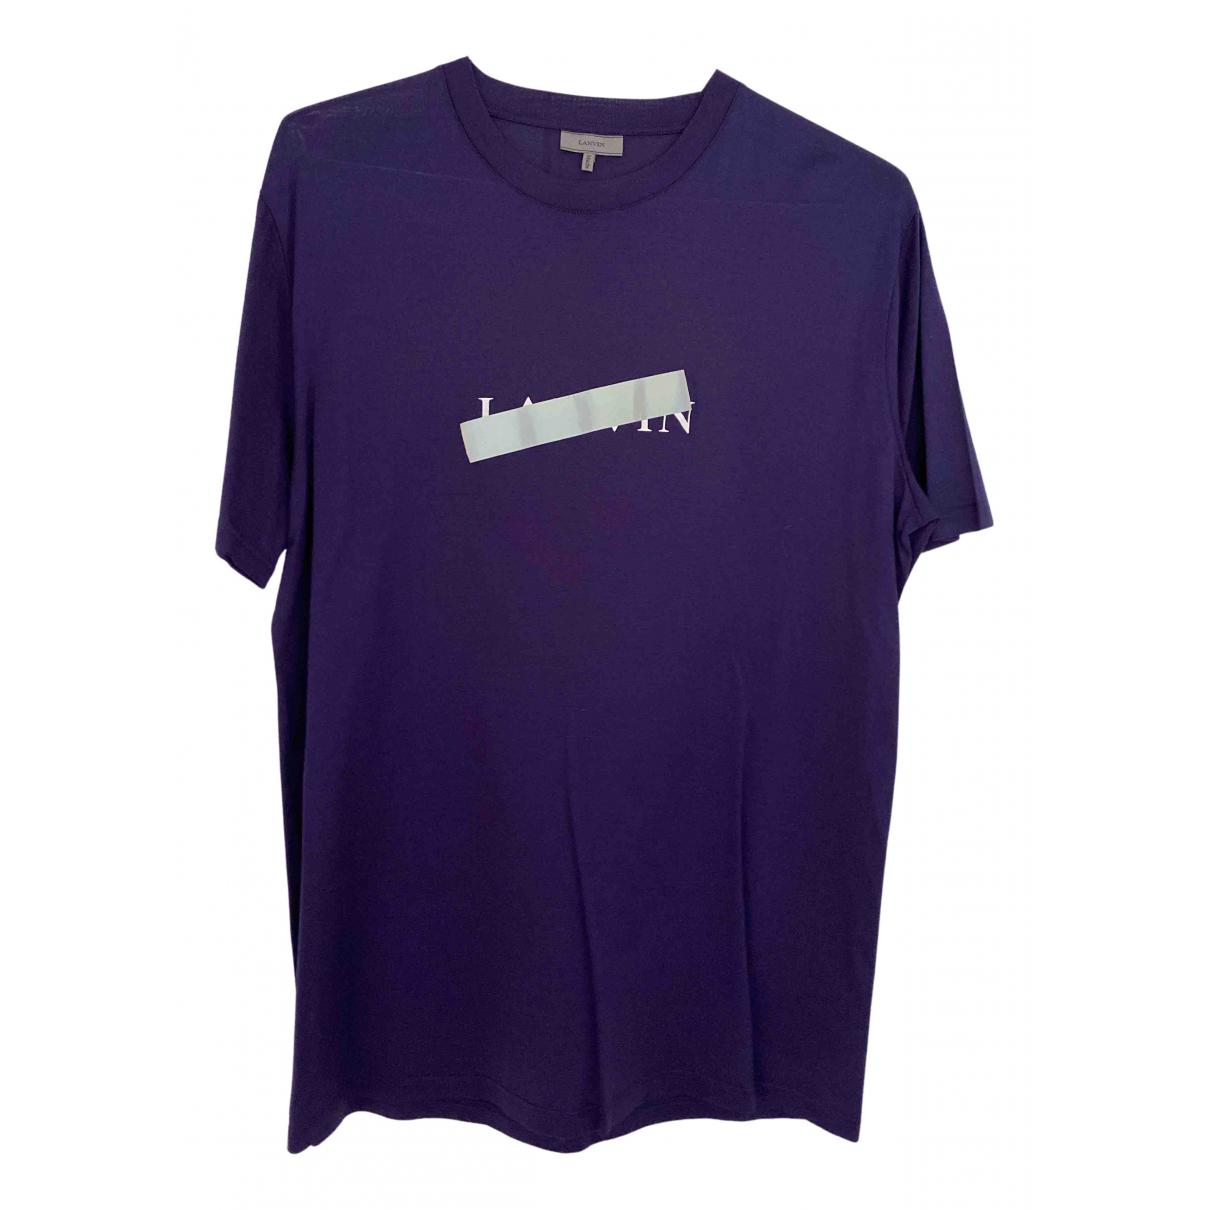 Lanvin - Tee shirts   pour homme en coton - bleu